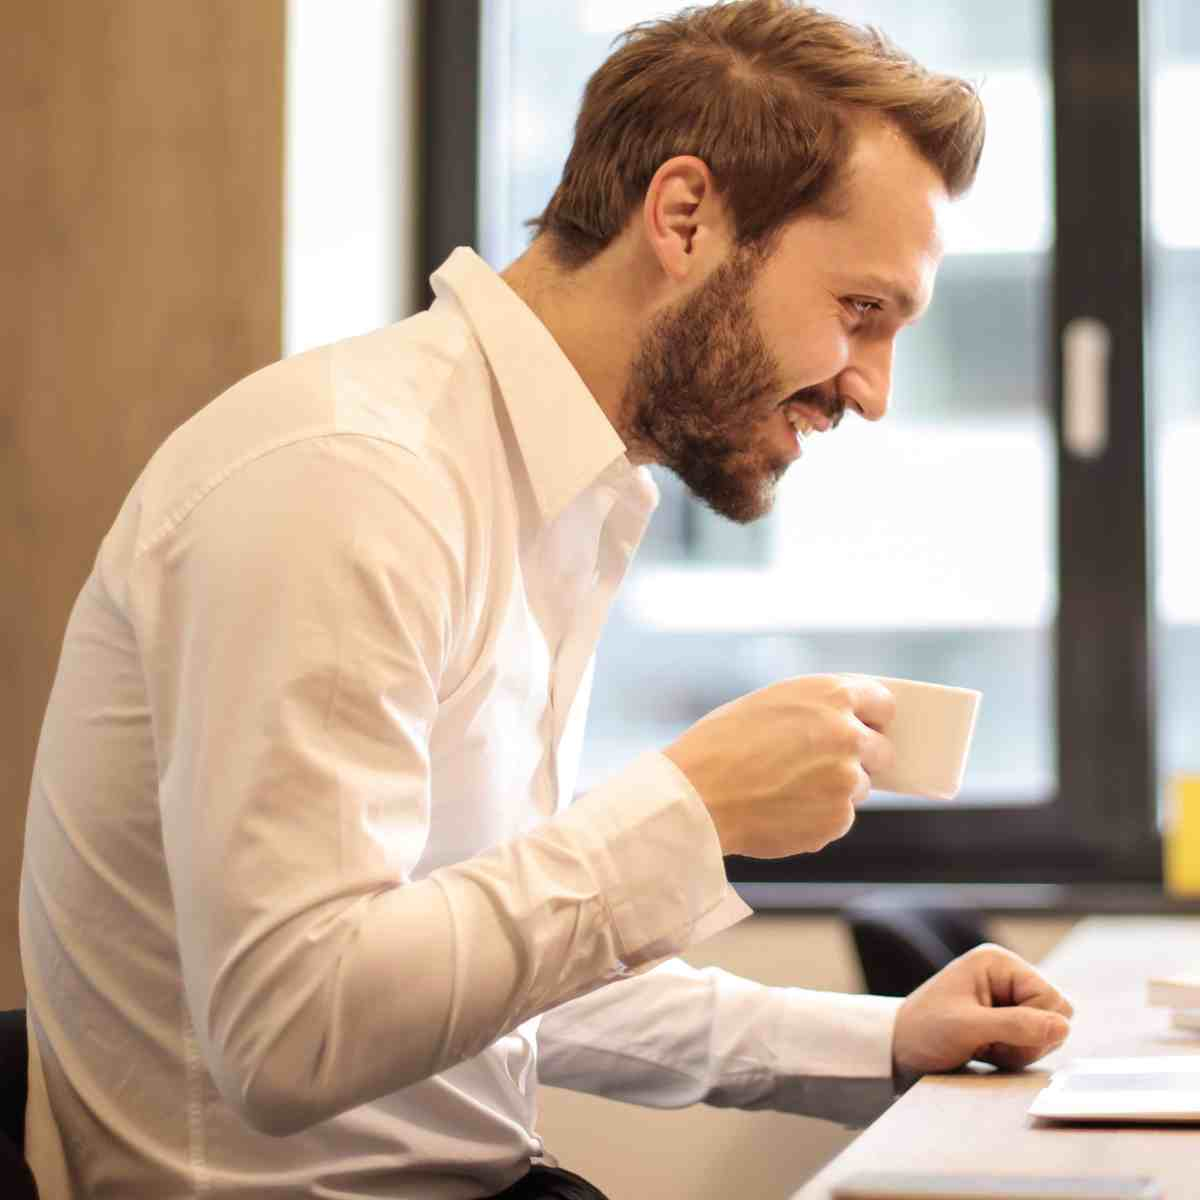 Tee-shirt Percko pour le mal de dos : est-ce vraiment efficace ?